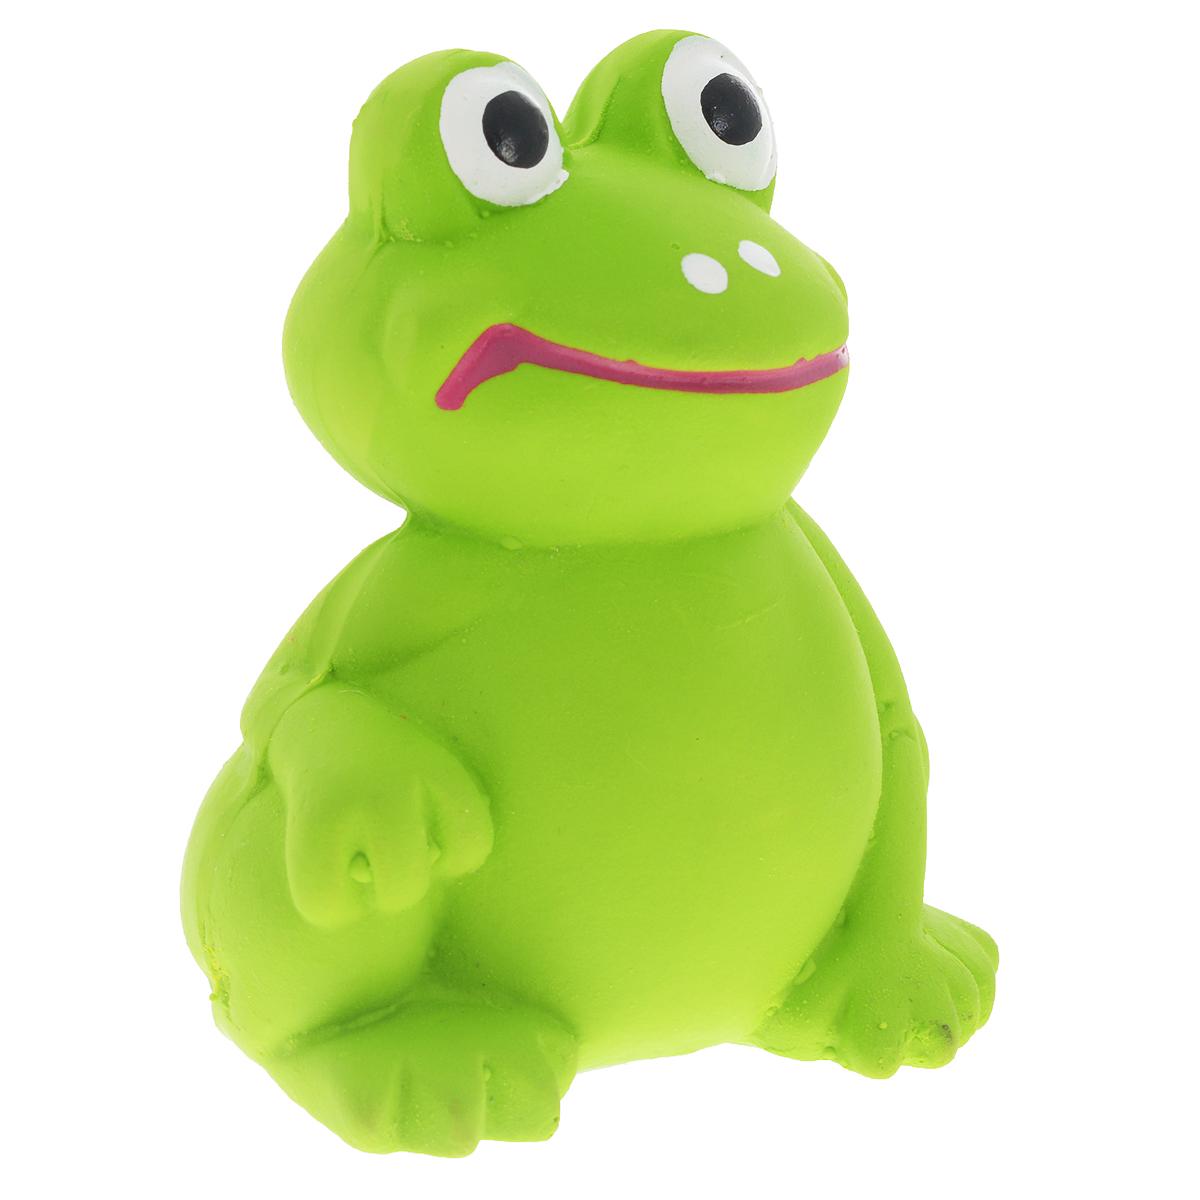 Игрушка для собак V.I.Pet Лягушка, цвет: зеленыйL-126Игрушка V.I.Pet Лягушка изготовлена из латекса с использованием только безопасных, не токсичных красителей. Великолепно подходит для игры и массажа десен вашей собаки. Забавная лягушка при надавливании или захвате пастью, пищит. Такая игрушка порадует вашего любимца, а вам доставит массу приятных эмоций, ведь наблюдать за игрой всегда интересно и приятно. Оставшись в одиночестве, ваша собака будет увлеченно играть в эту игрушку.